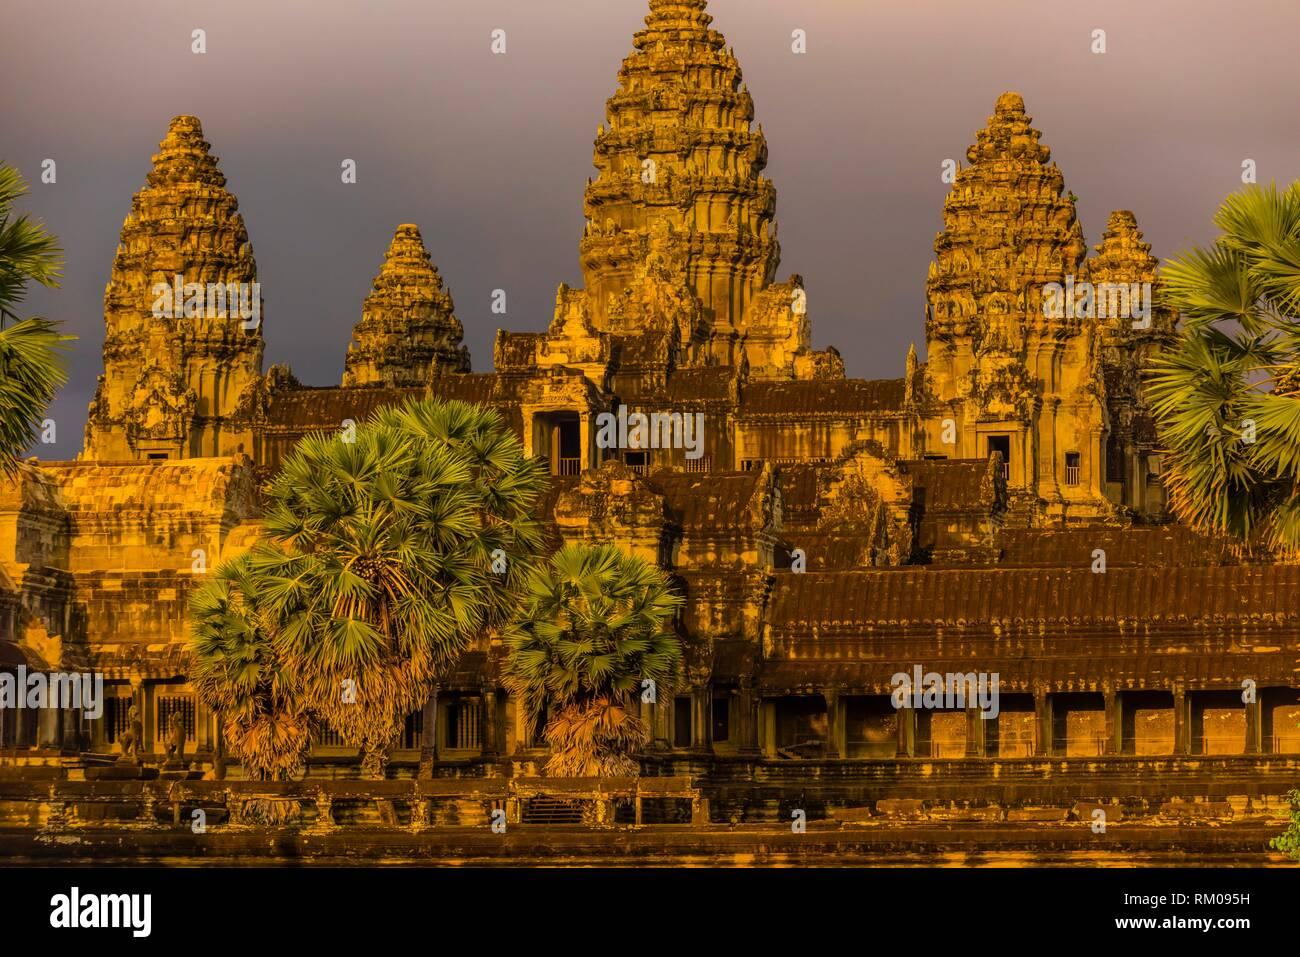 Angkor Wat, il più grande monumento religioso nel mondo (significa città che è un tempio); Cambogia. Foto Stock